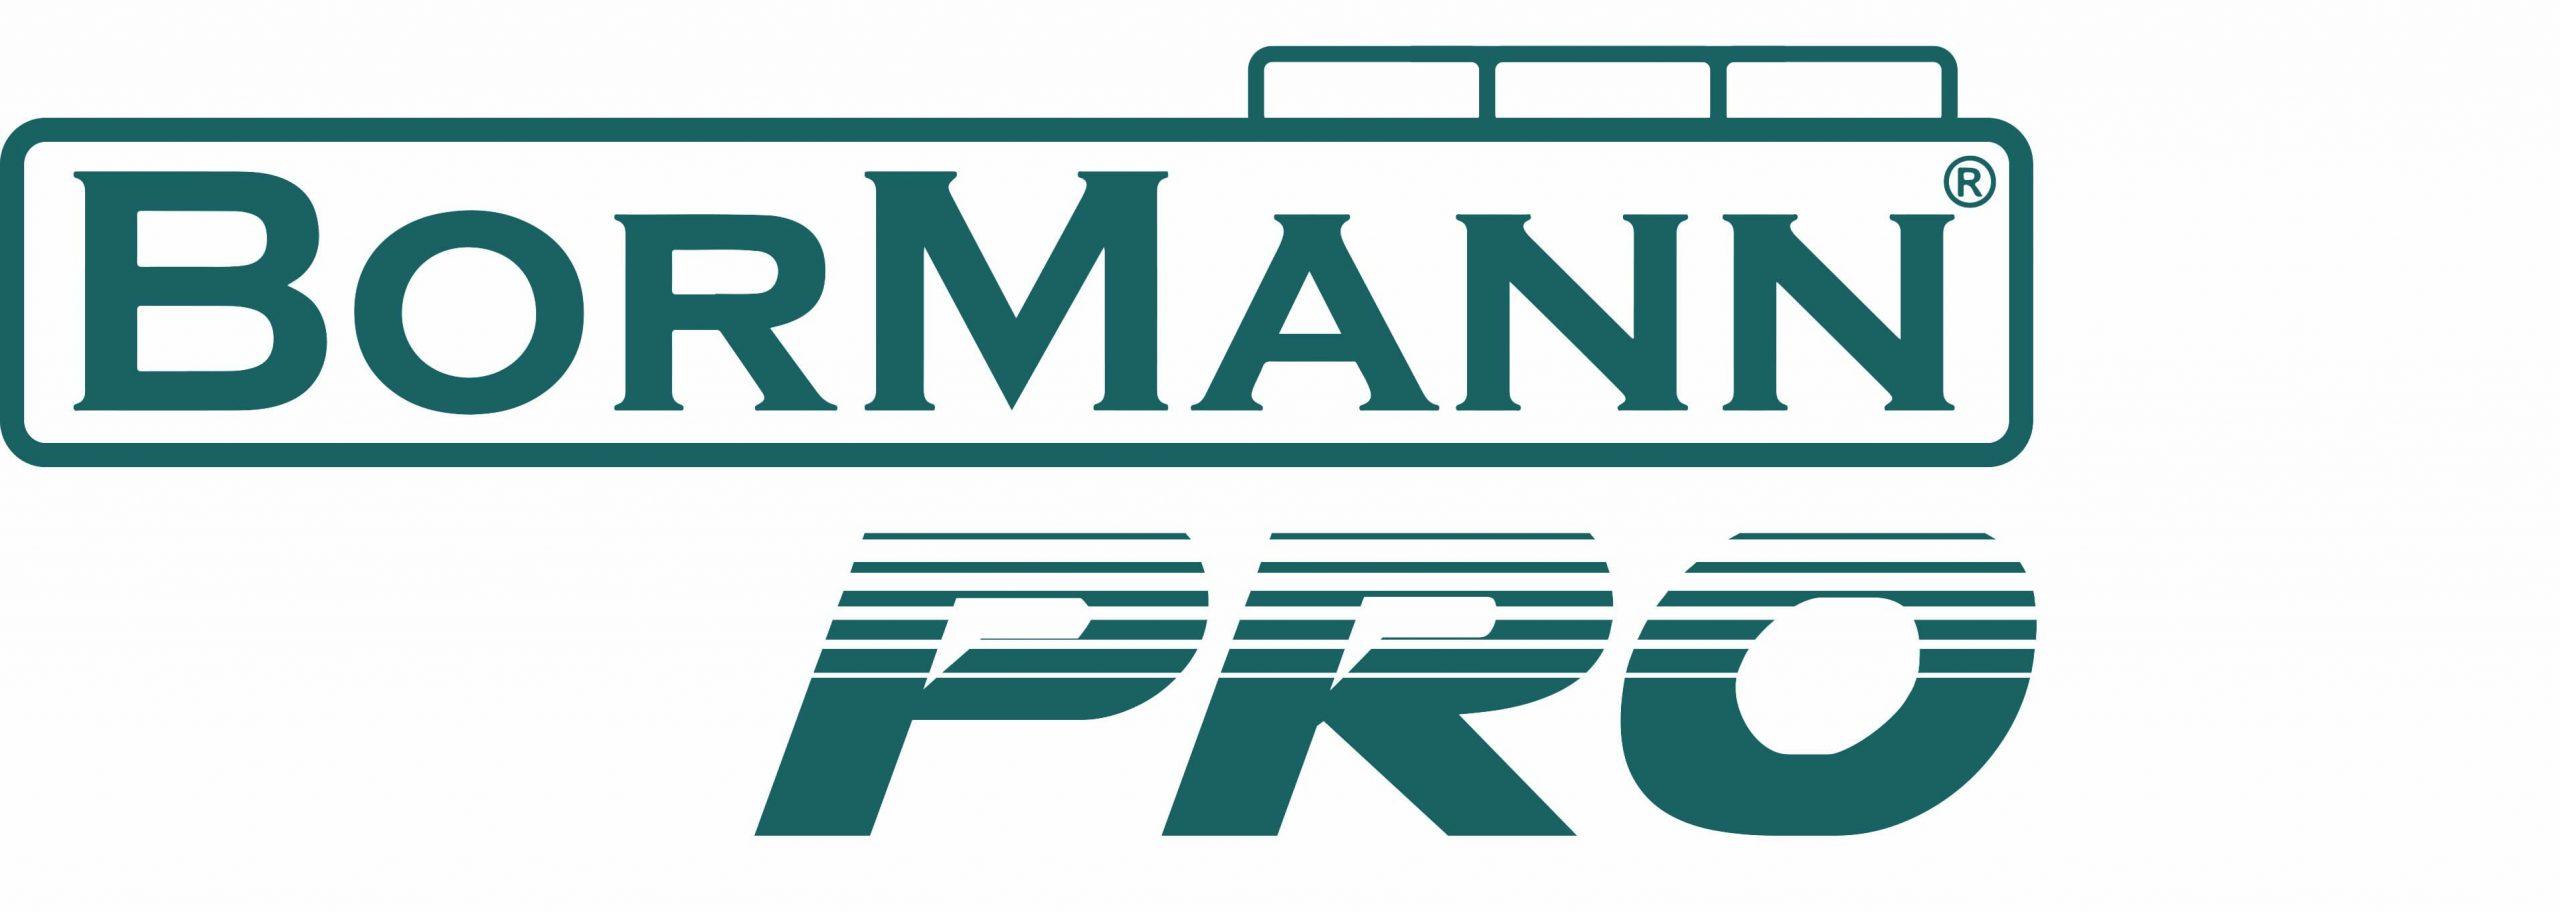 BORMANN pro logo scaled 1